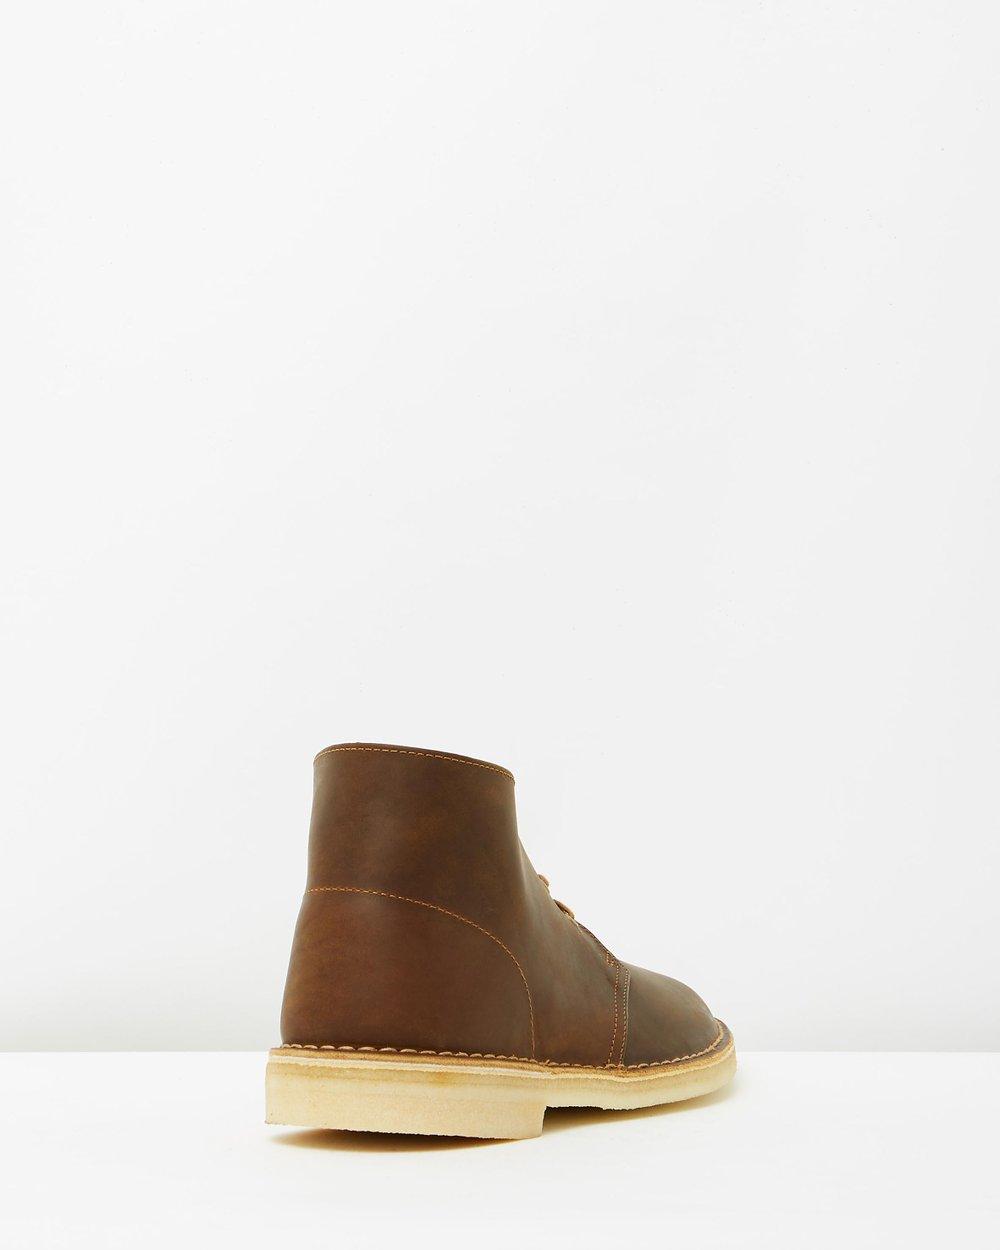 274873e13 Desert Boots by Clarks Originals Online